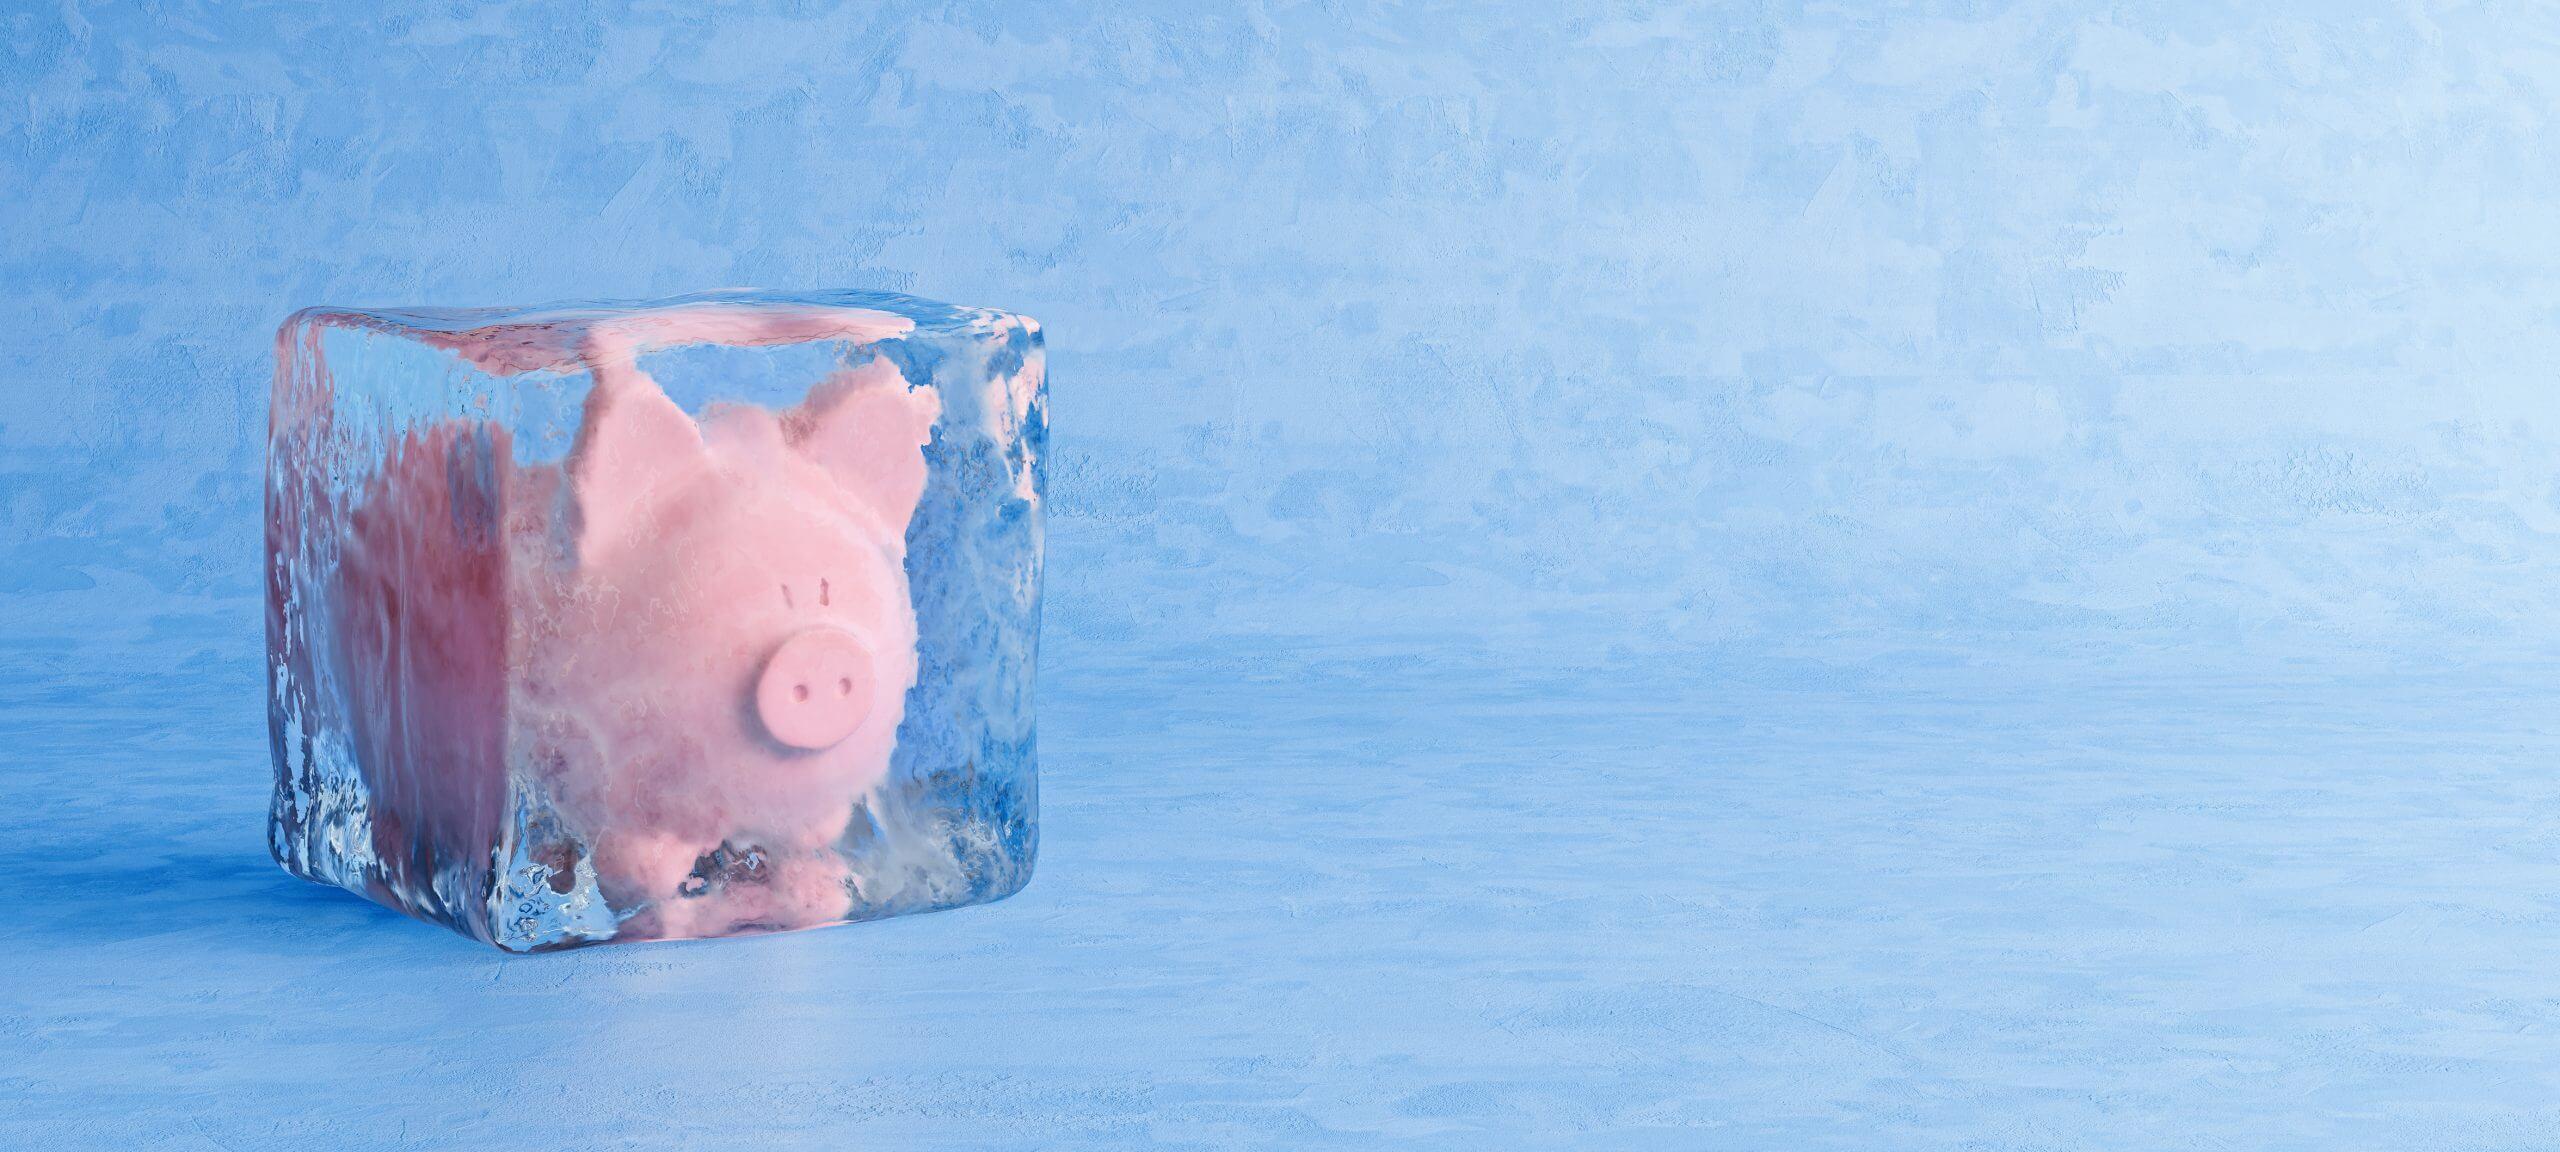 【英國按揭首期來源】交錯證明 資金100%隨時被凍結!